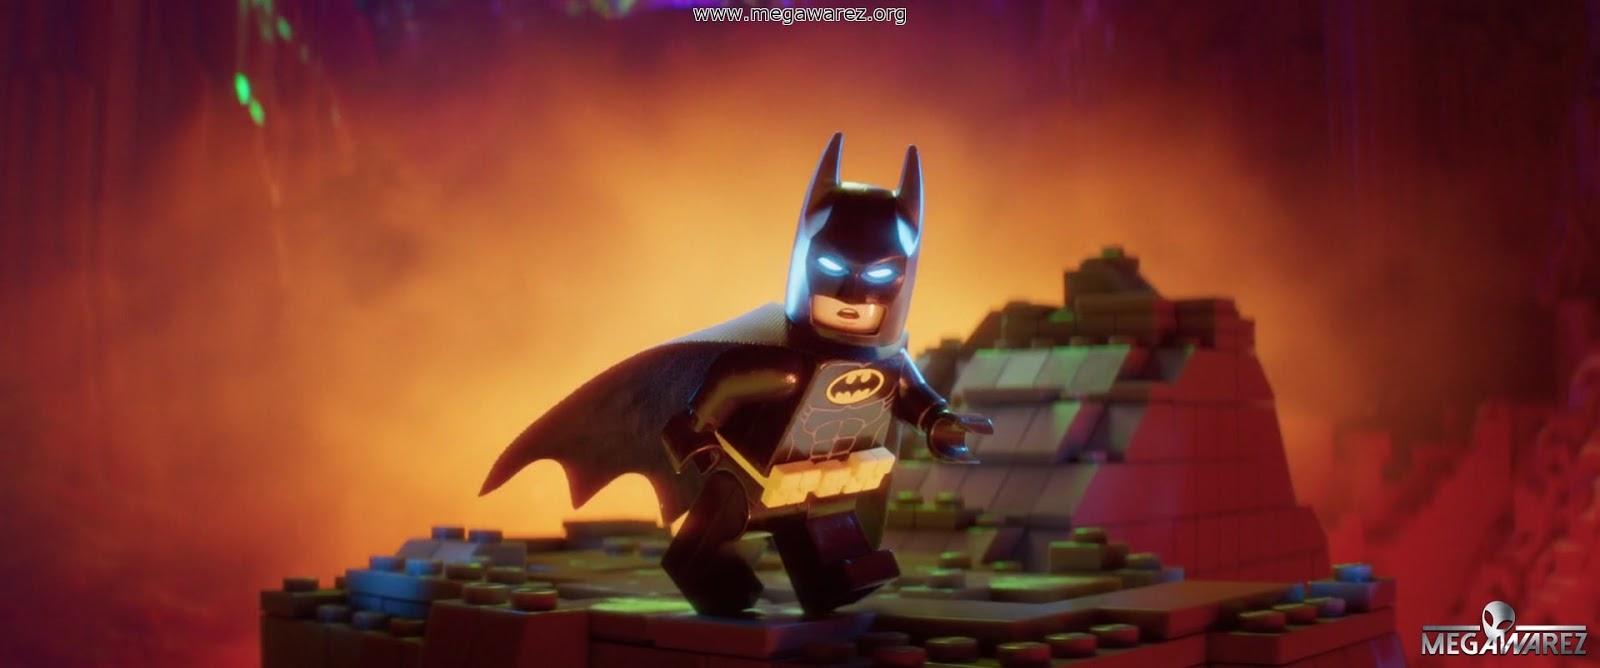 LEGO Batman La pelcula 2017 en DVDRip, 720p, 1080p ...